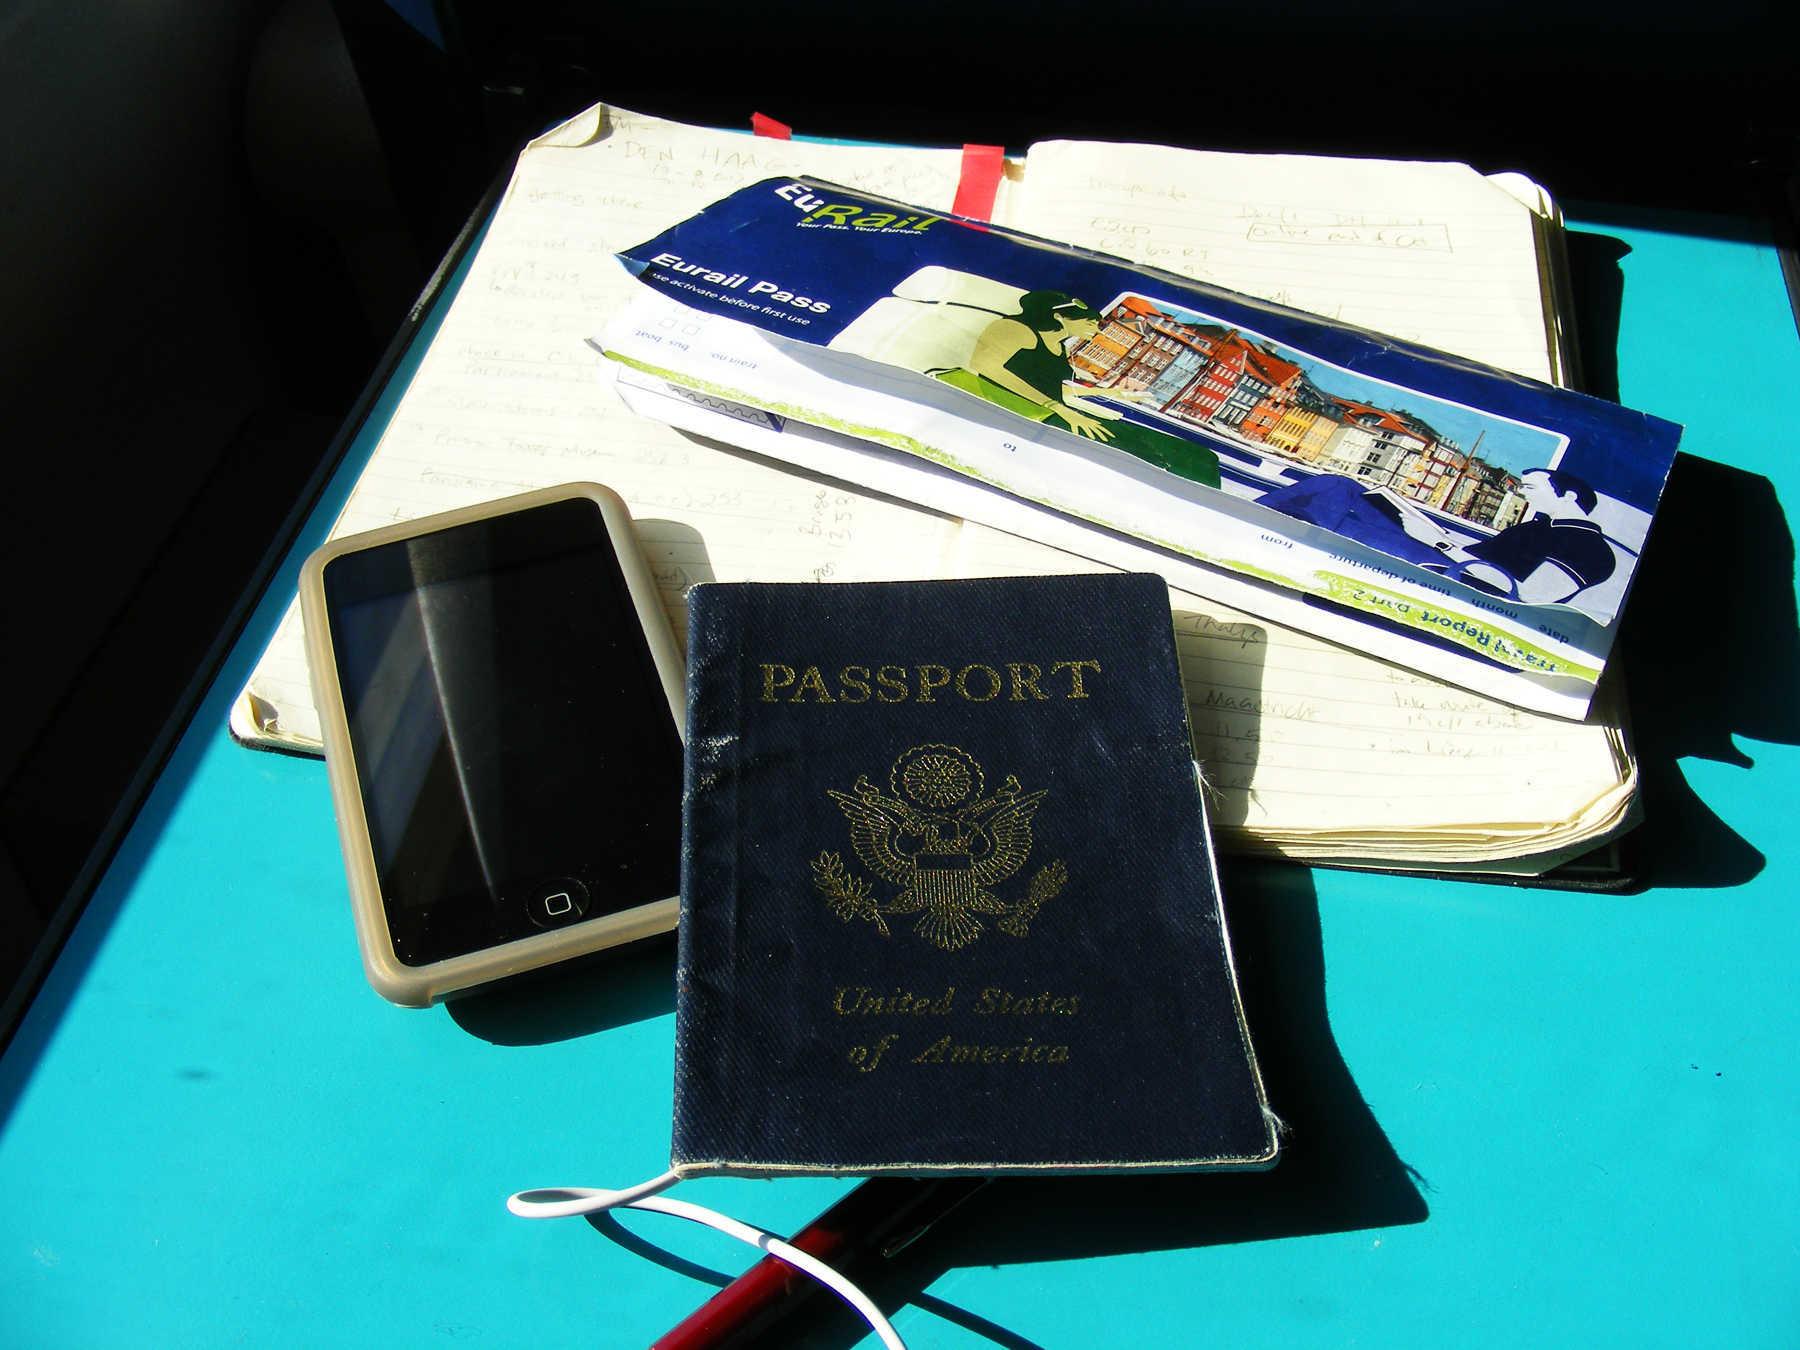 Passport, Rail Pass, Journal, Phone